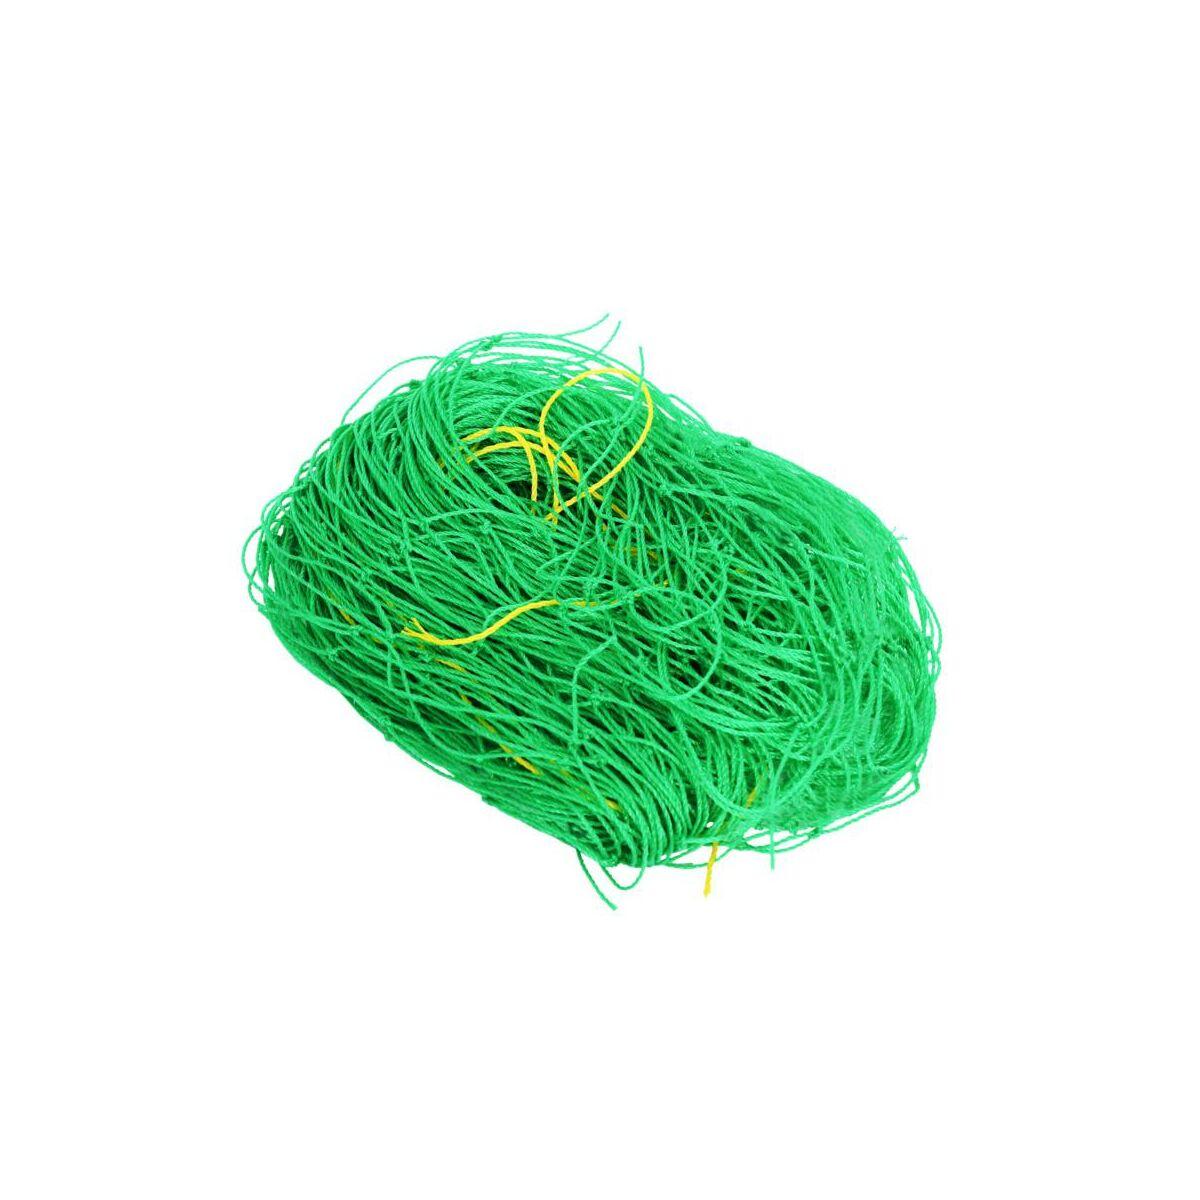 Siatka Do Pnaczy 1 8 X 2 7 M Zielona Podporki Wiazadla Do Roslin W Atrakcyjnej Cenie W Sklepach Leroy Merlin